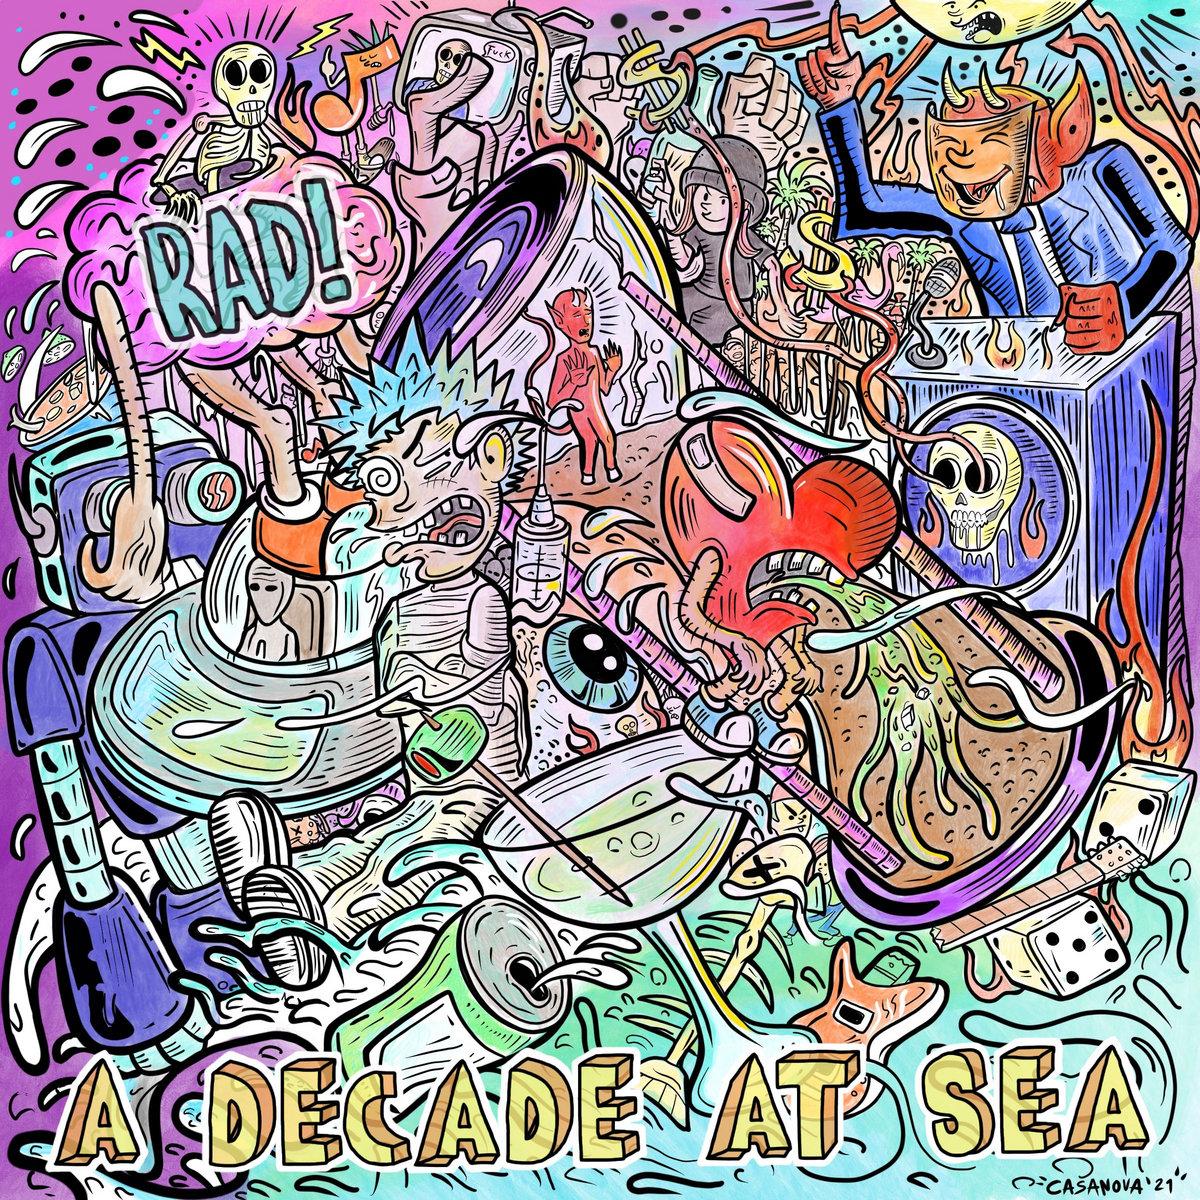 A Decade At Sea, banda punk de Hialeah, FL en Sábado Internacional de Tropical Punk Records